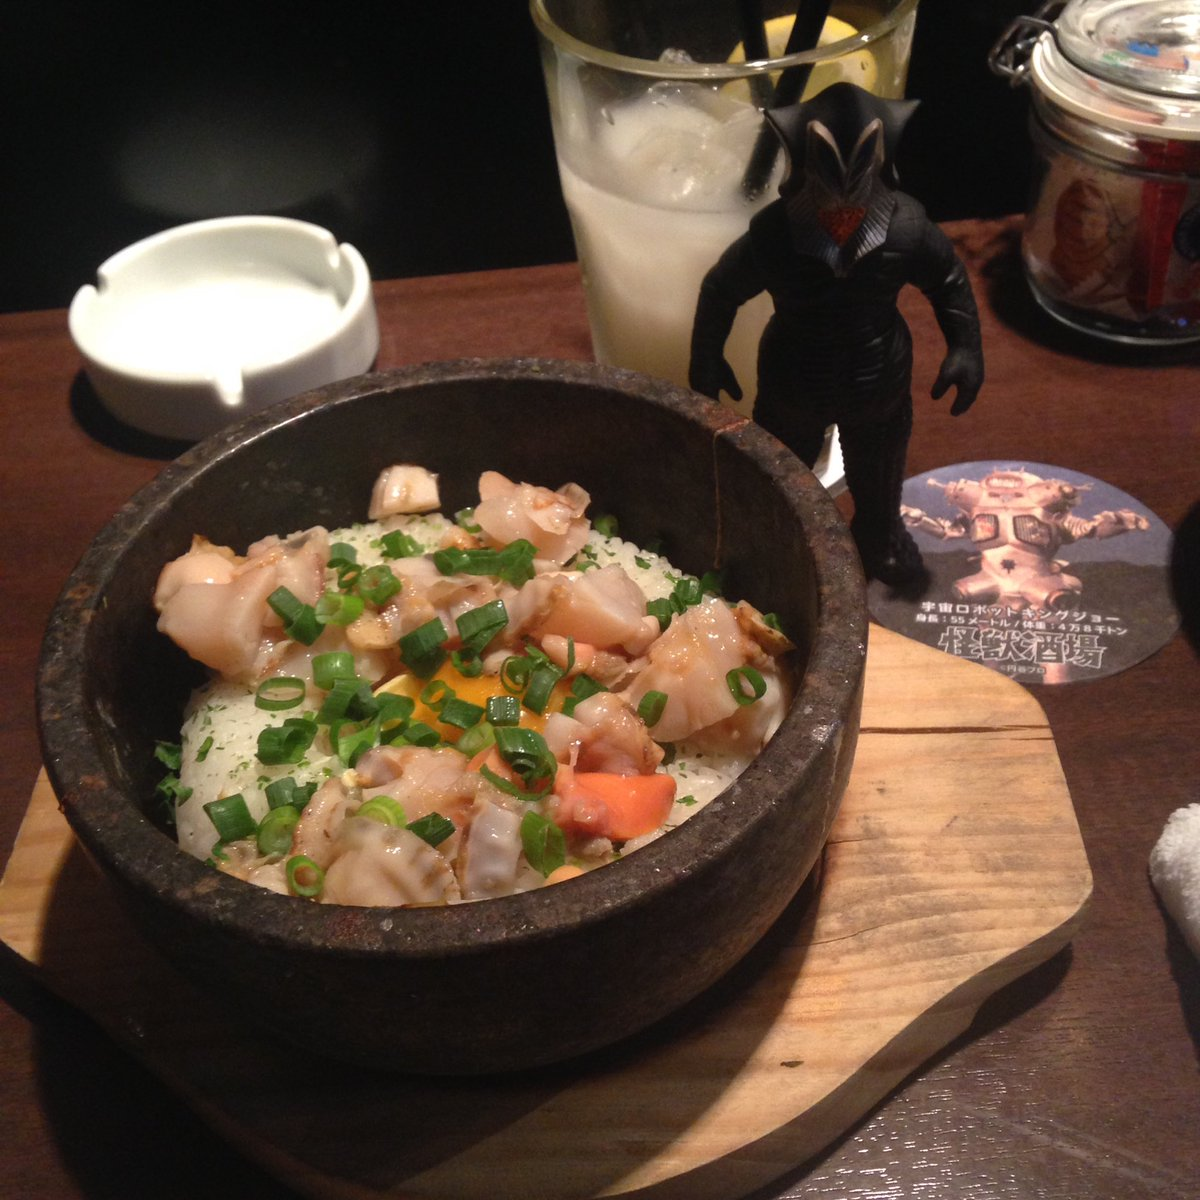 今日も怪獣酒場美味しかった( ´ ▽ ` )帆立の釜飯のひつまぶしが美味しくて、1番当たりだと思ったのが濃厚すくい豆腐!